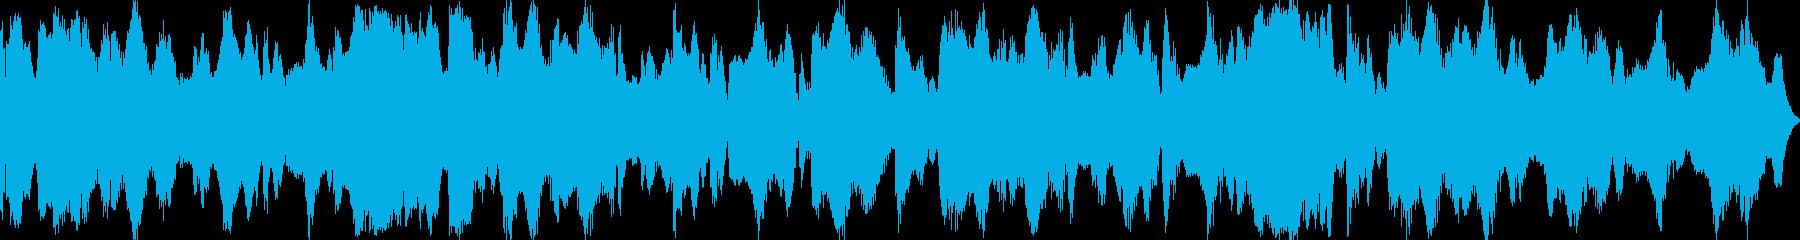 祭り囃子をイメージしたBGM02の再生済みの波形